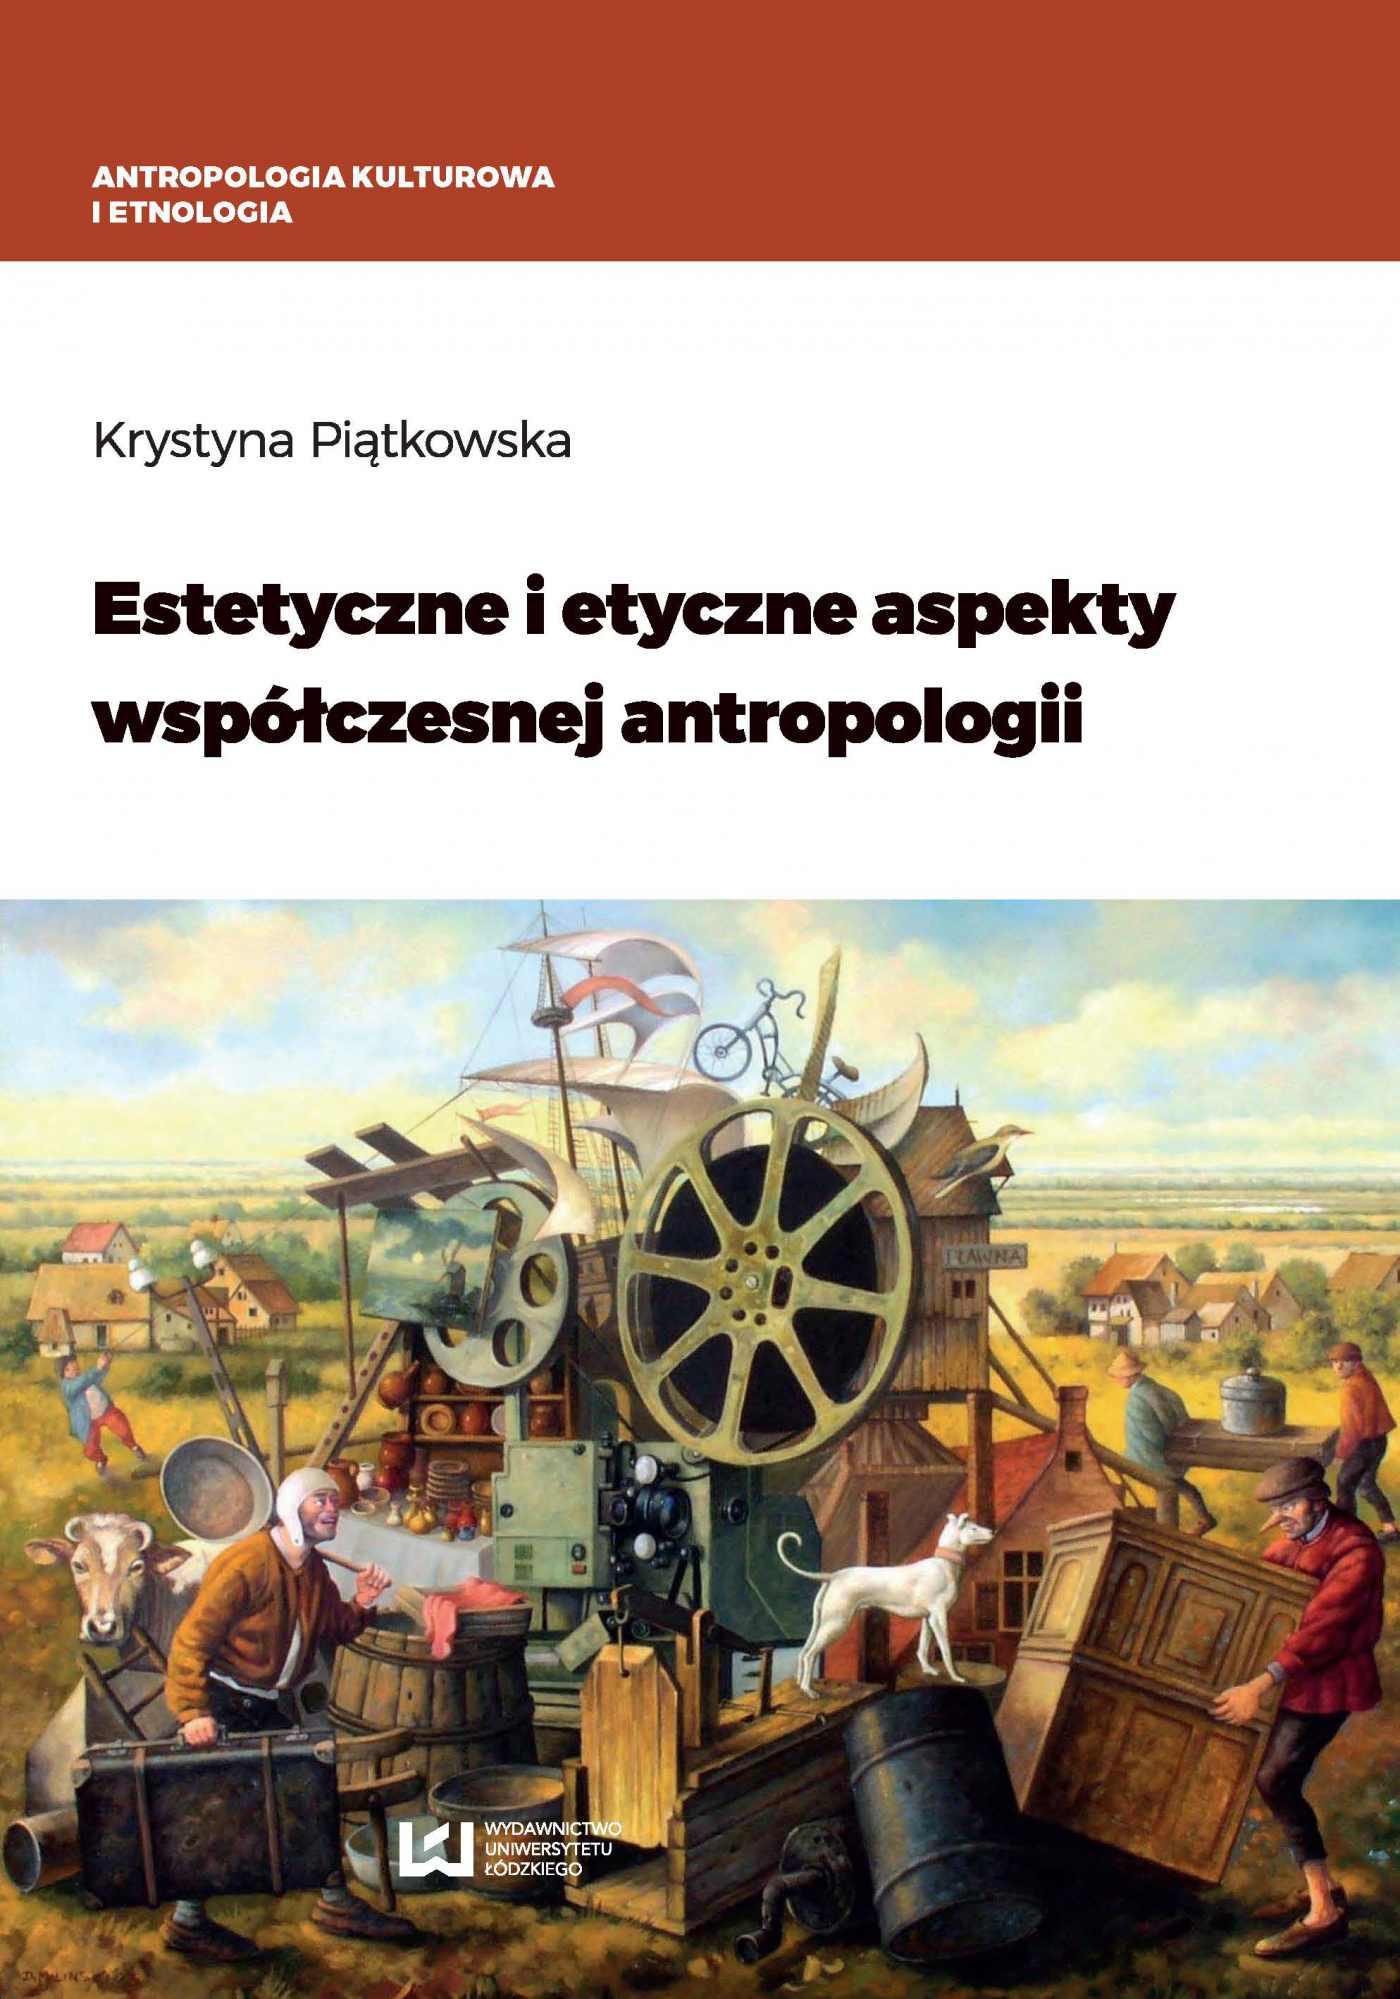 Estetyczne i etyczne aspekty współczesnej antropologii - Ebook (Książka PDF) do pobrania w formacie PDF